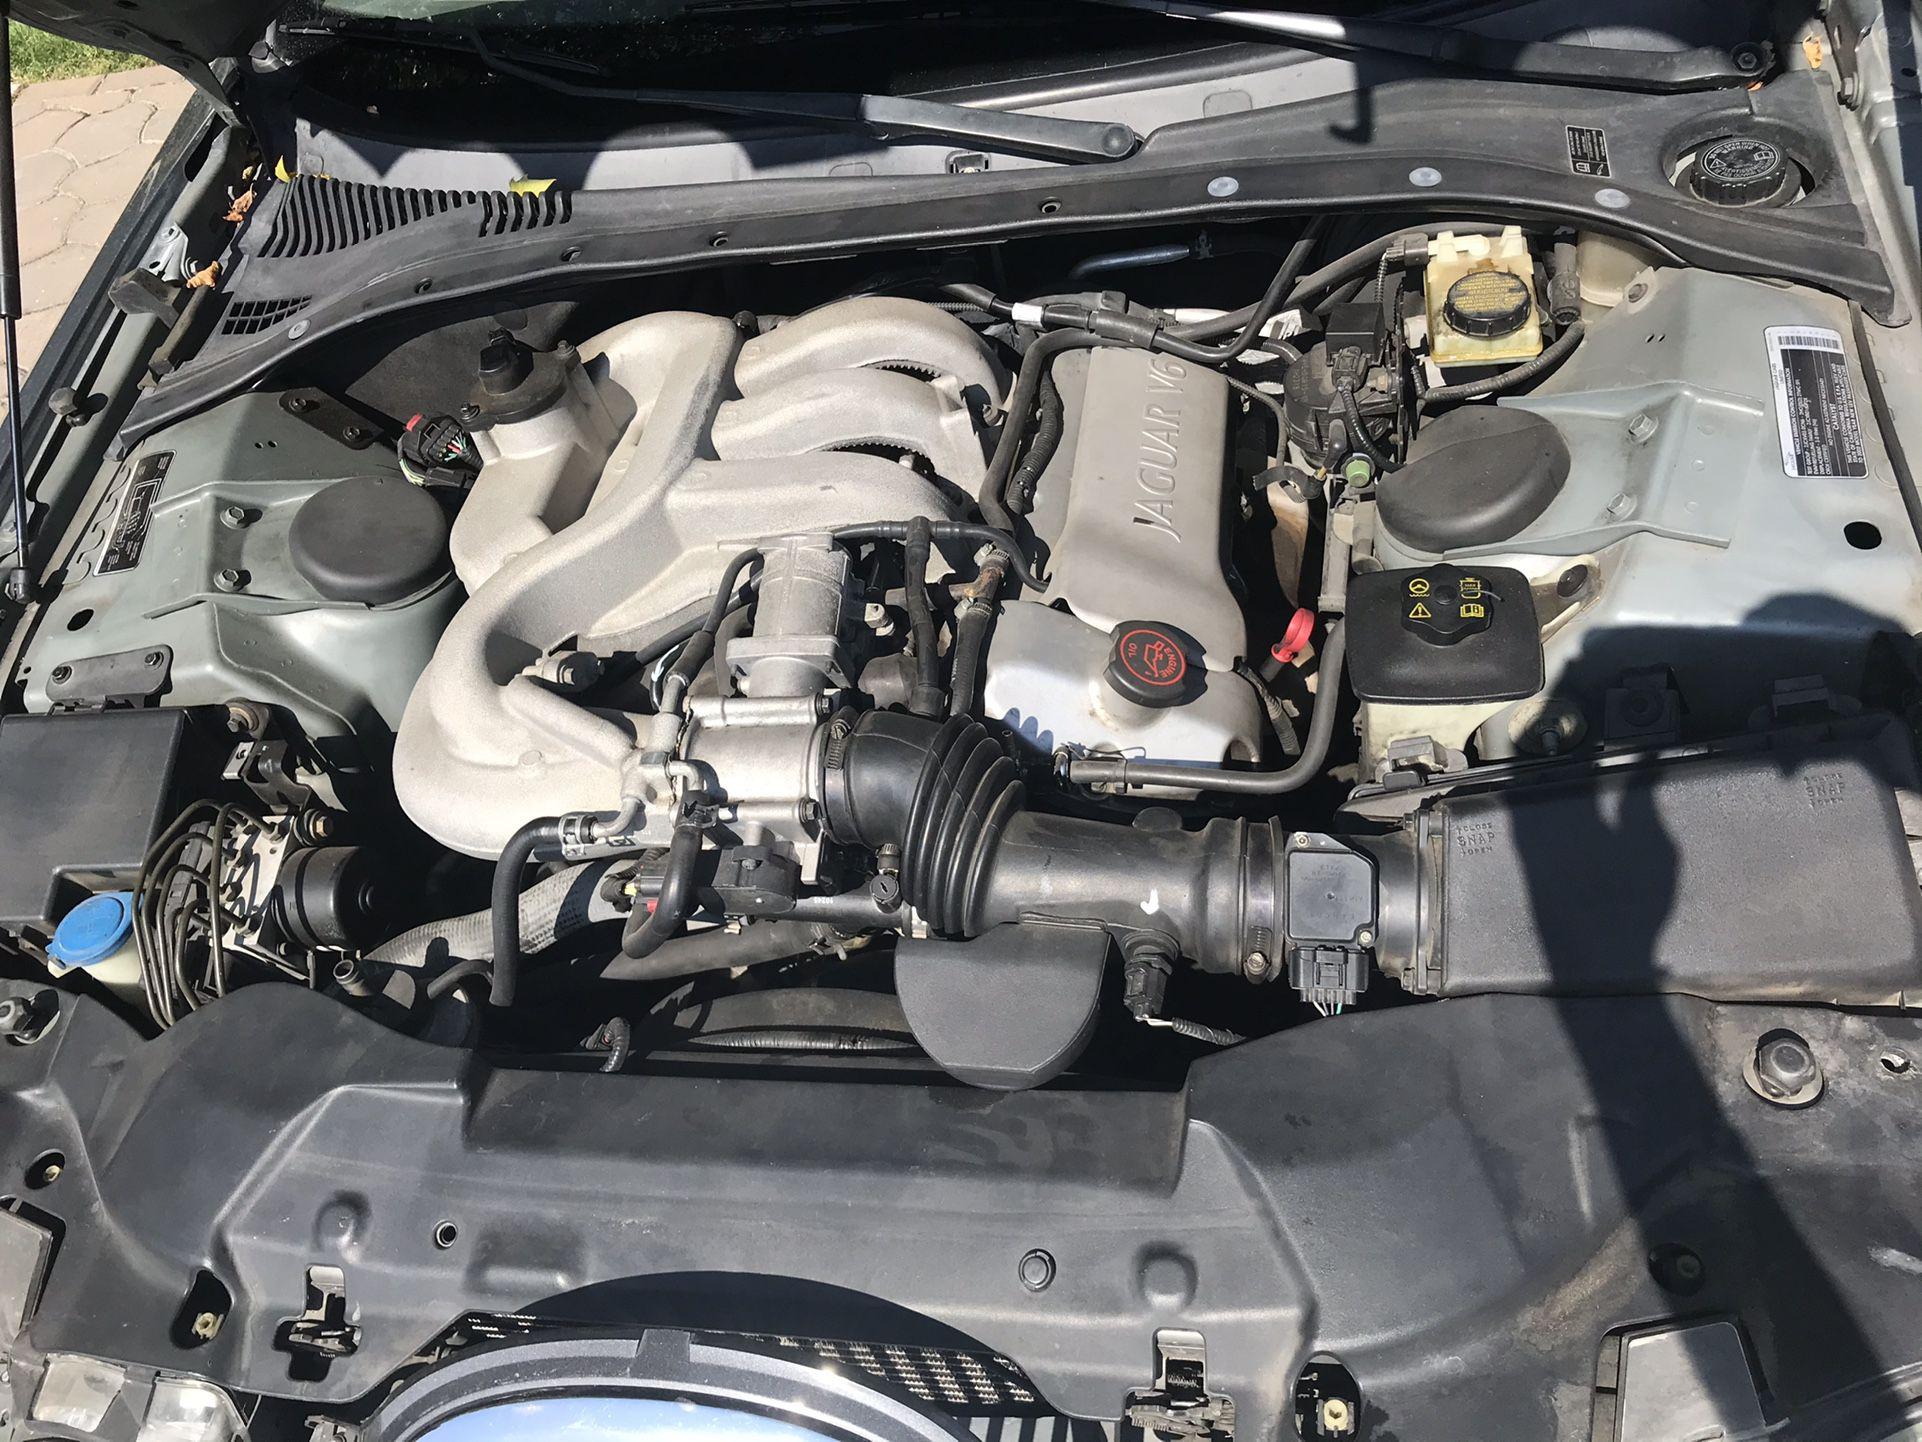 2002 Jaguar S-Type (Parting out)